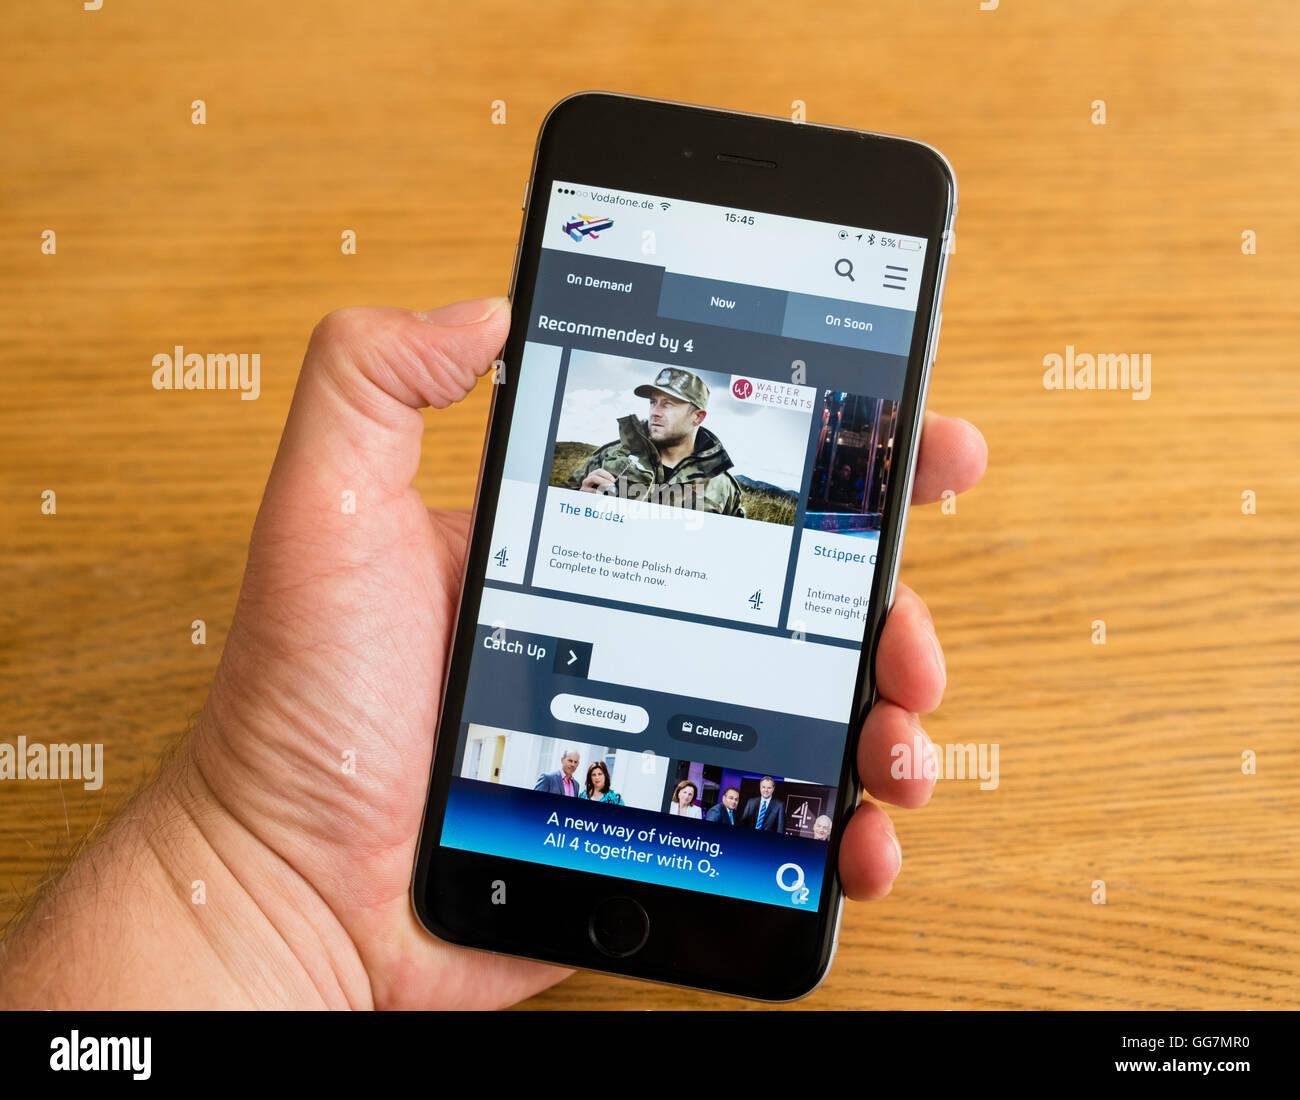 Tv Phone Screen Stock Photos & Tv Phone Screen Stock Images